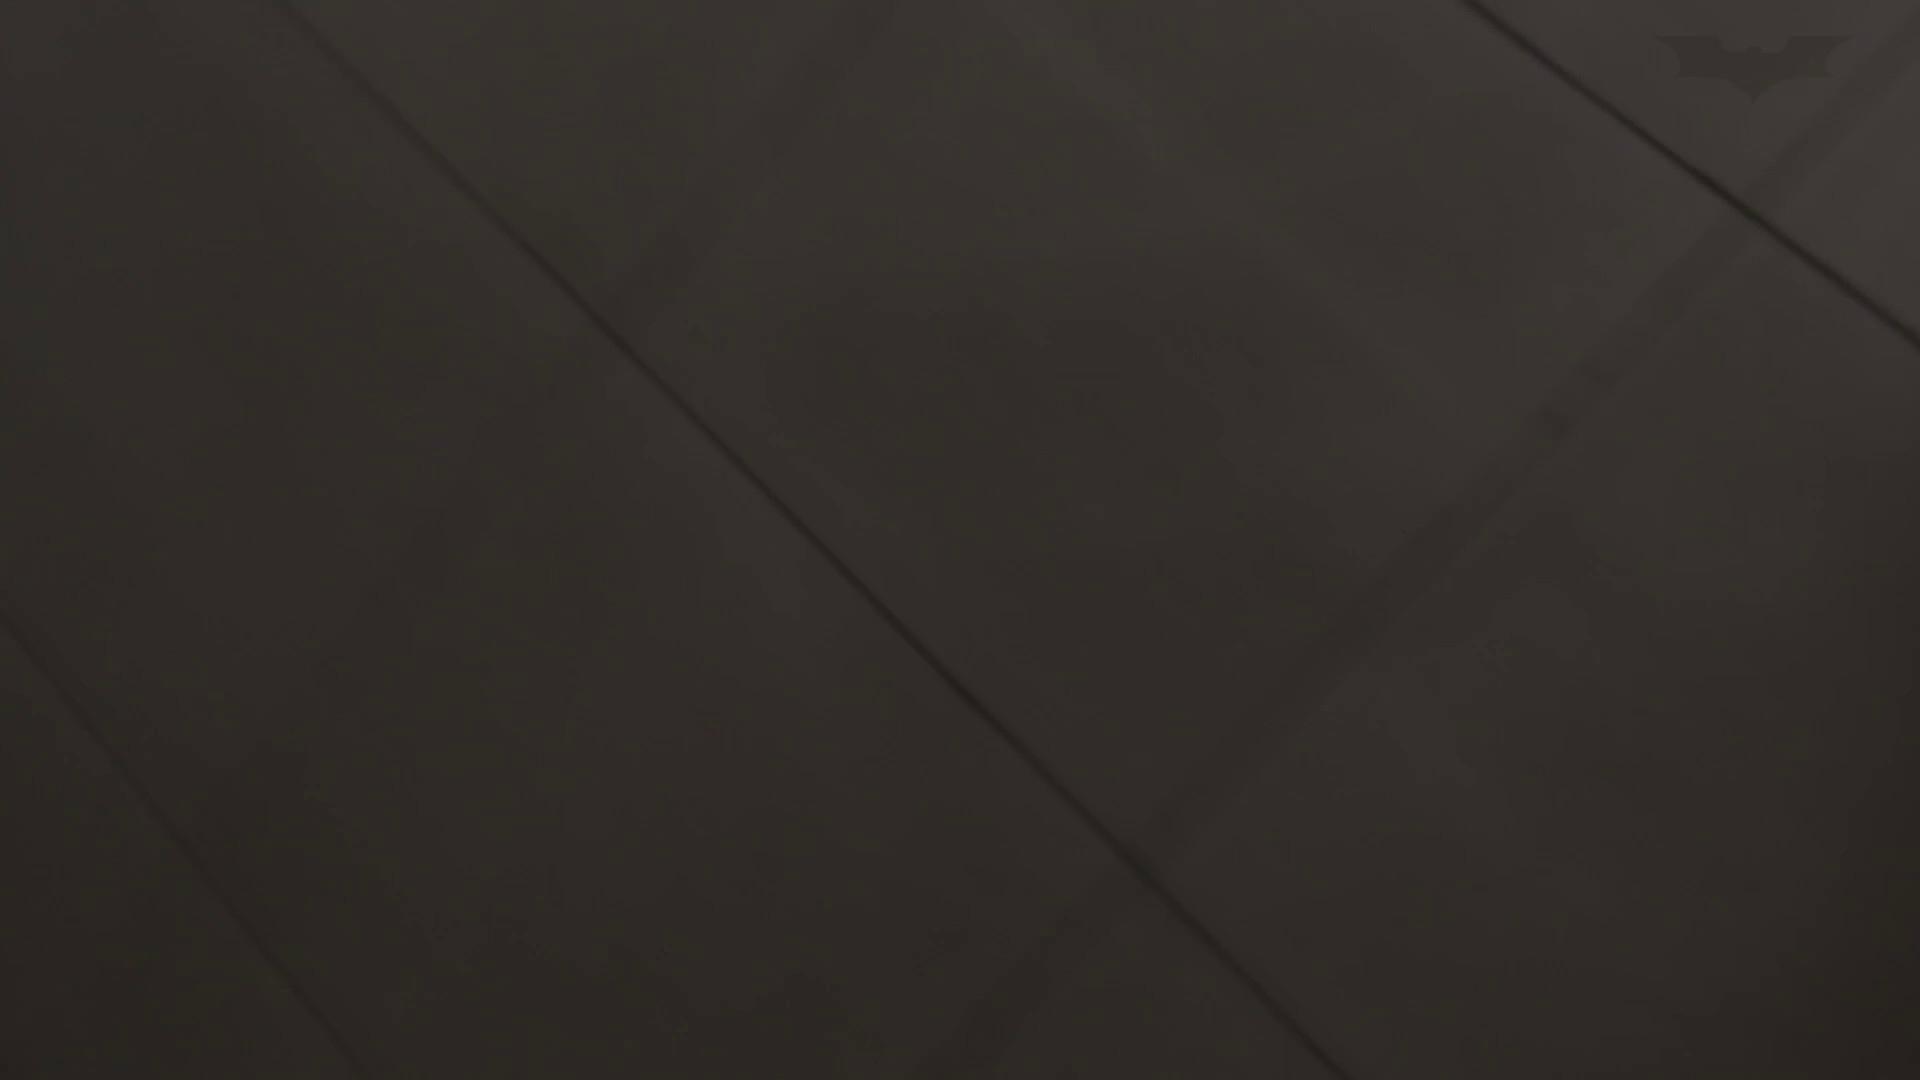 芸術大学ガチ潜入盗撮 JD盗撮 美女の洗面所の秘密 Vol.91 洗面所 | 美女のボディ  58PIX 55